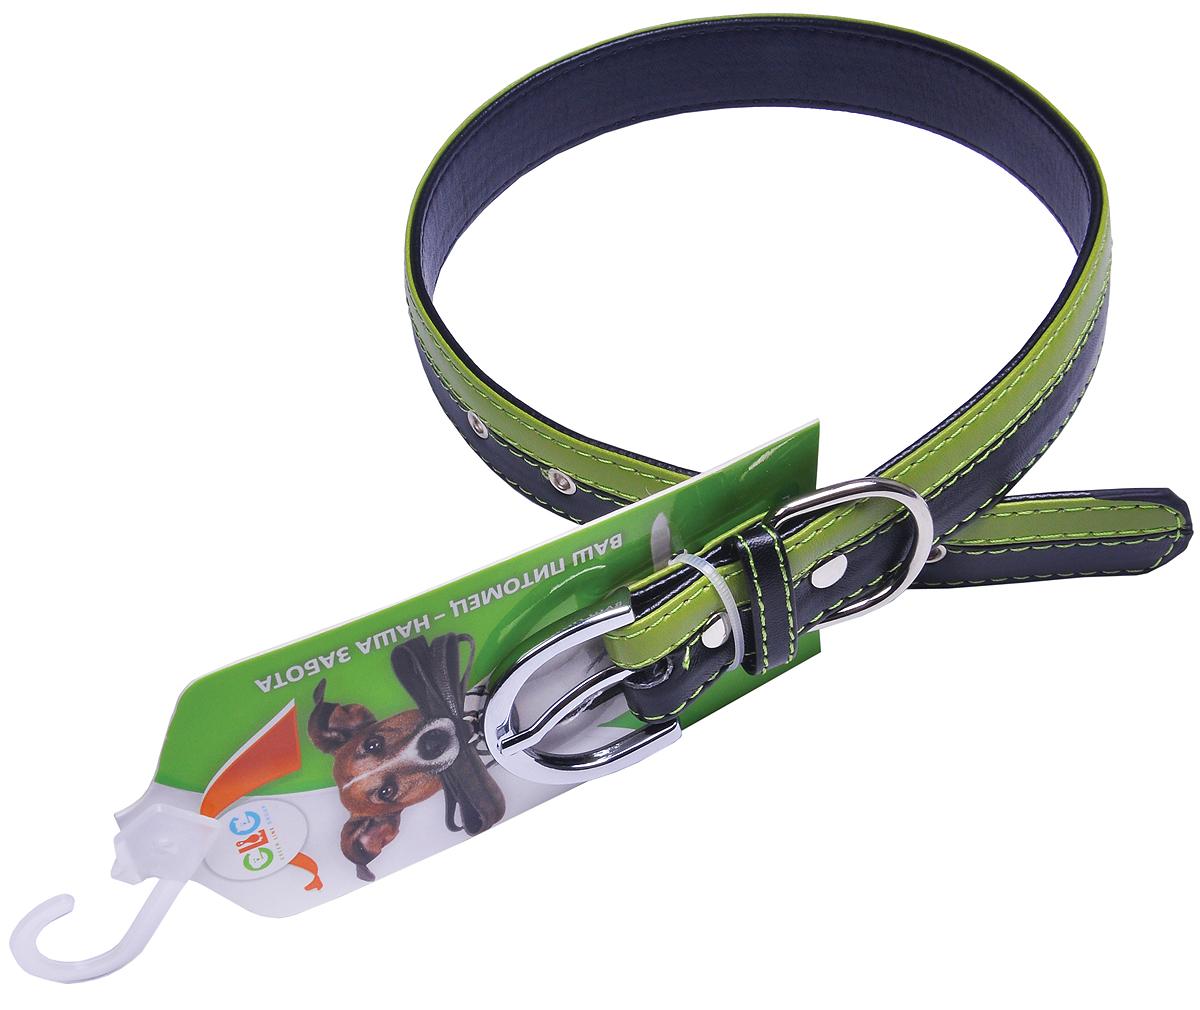 Ошейник для собак GLG, цвет: черный, салатовый, 2,54 х 57 смAMG0836-57-BL/G